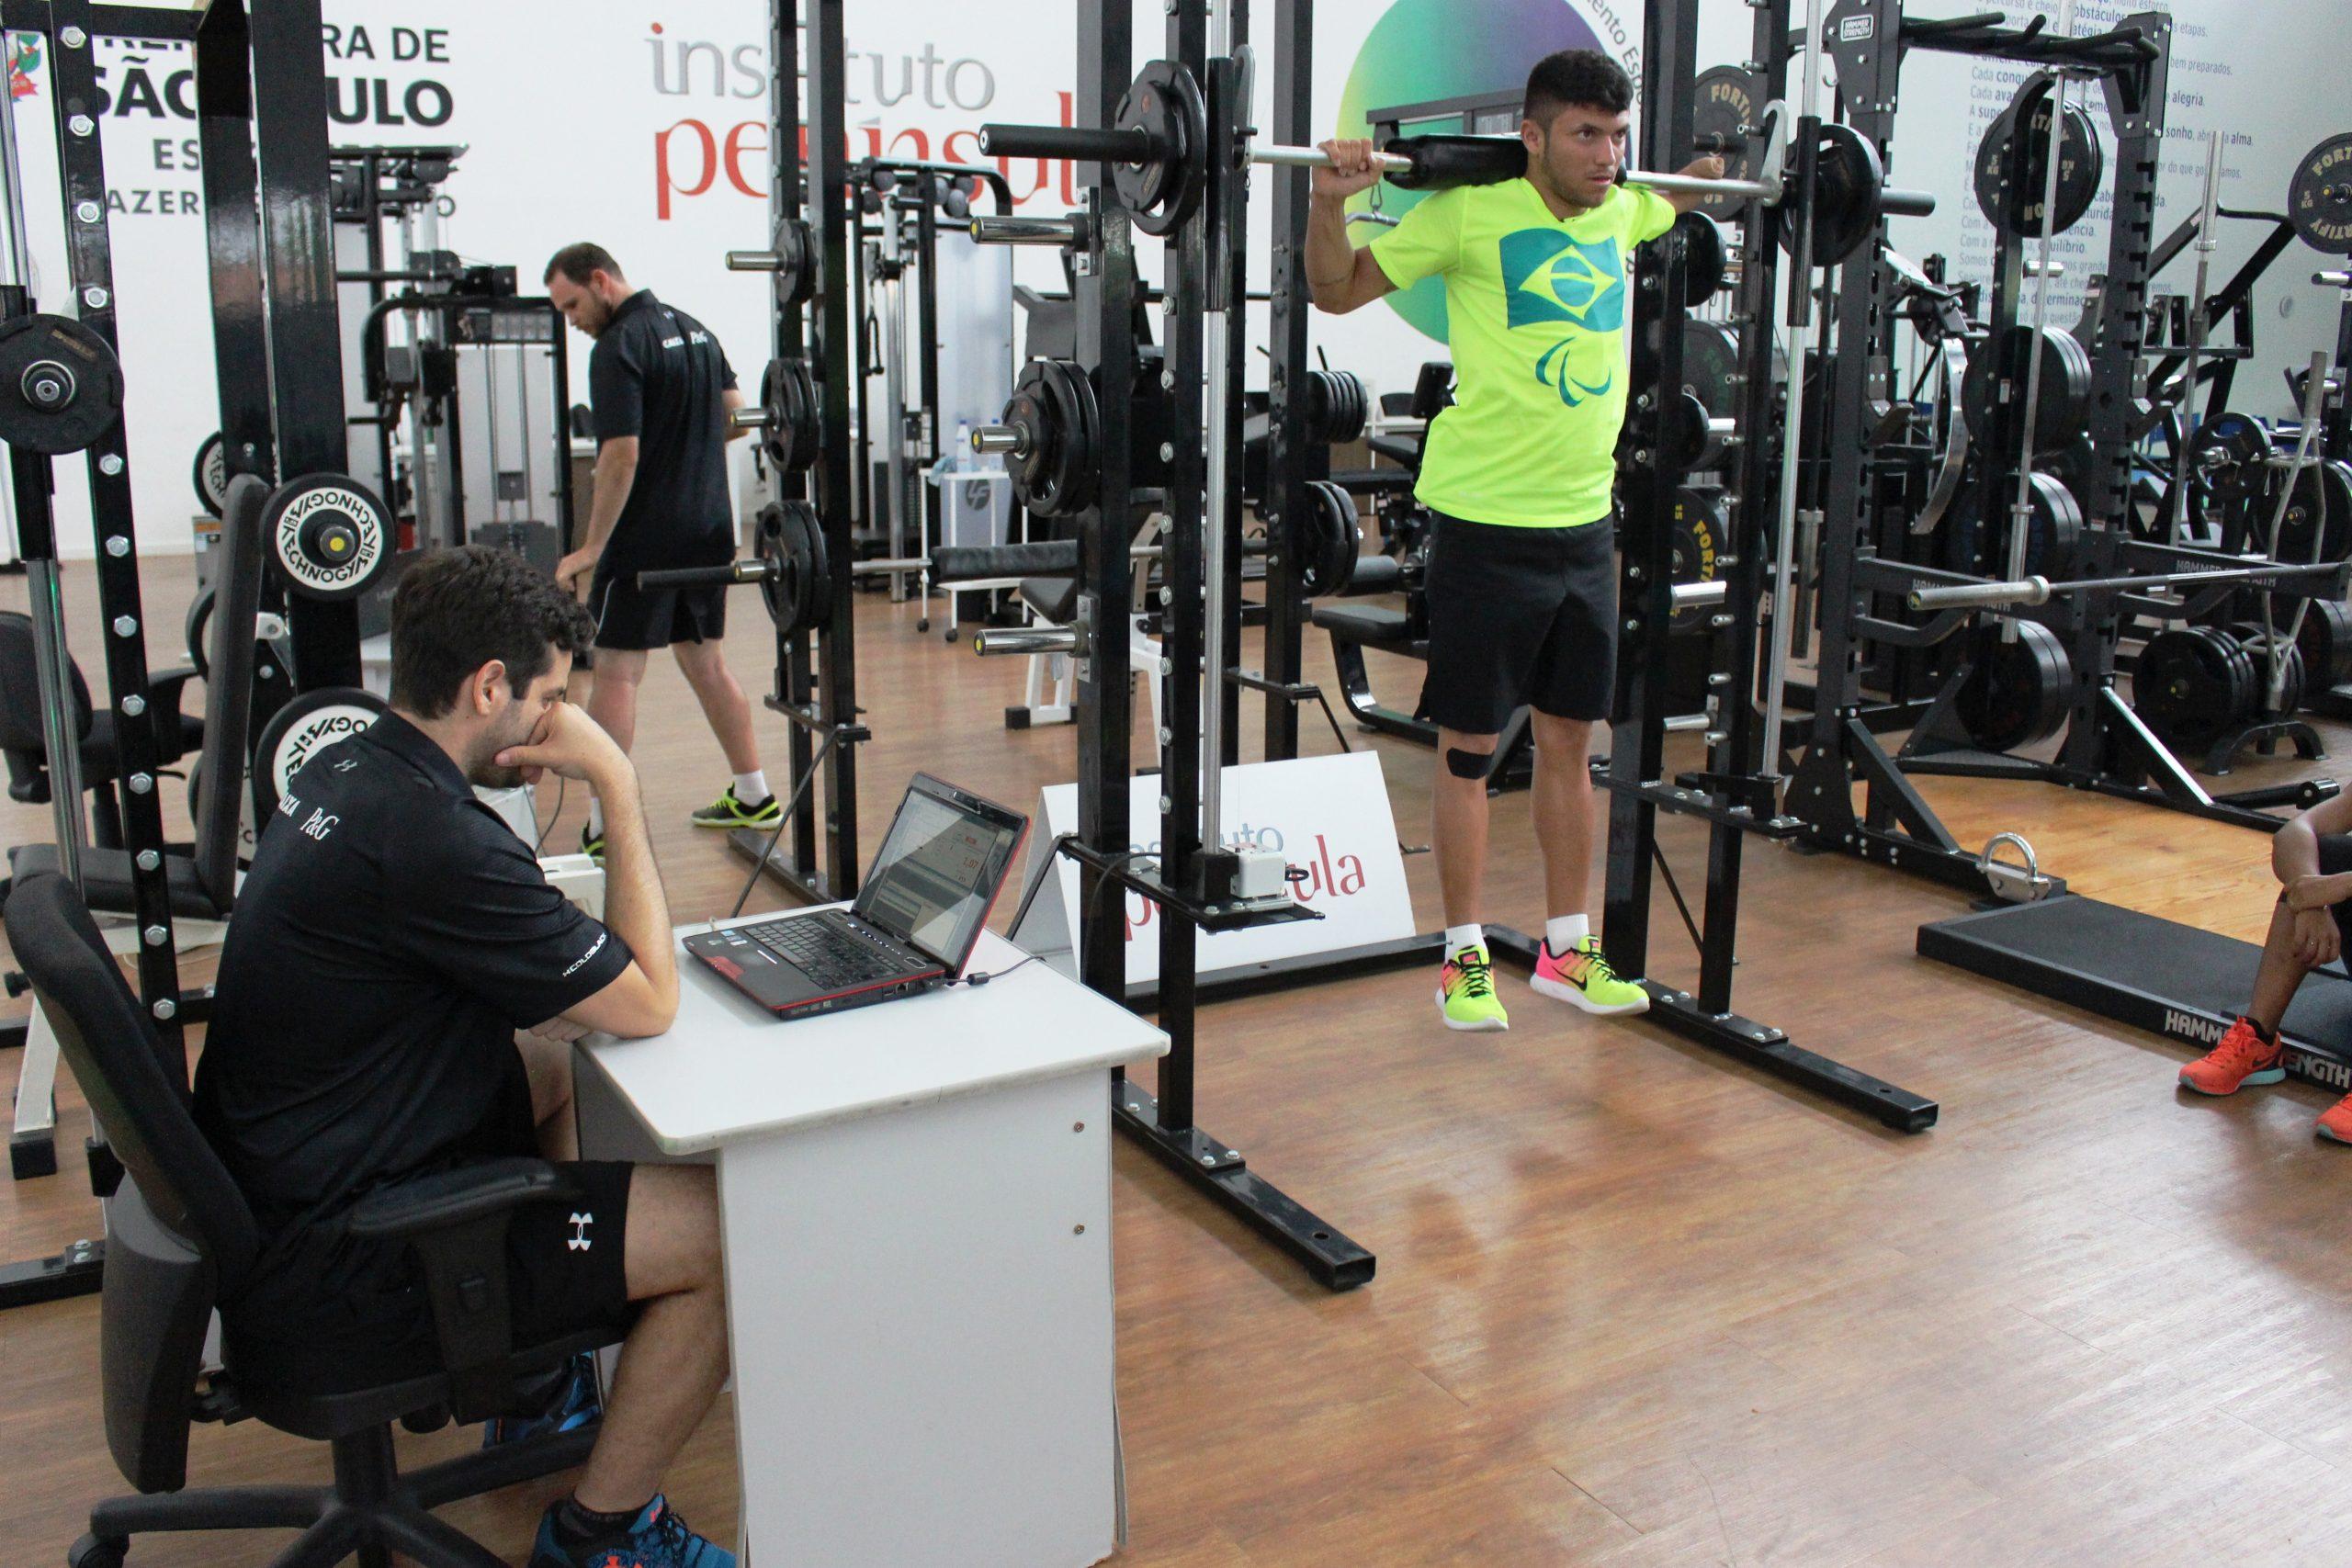 Liderados pelo campeão e recordista Petrúcio Ferreira, atletas da seleção de atletismo paralímpico são avaliados no NAR-SP